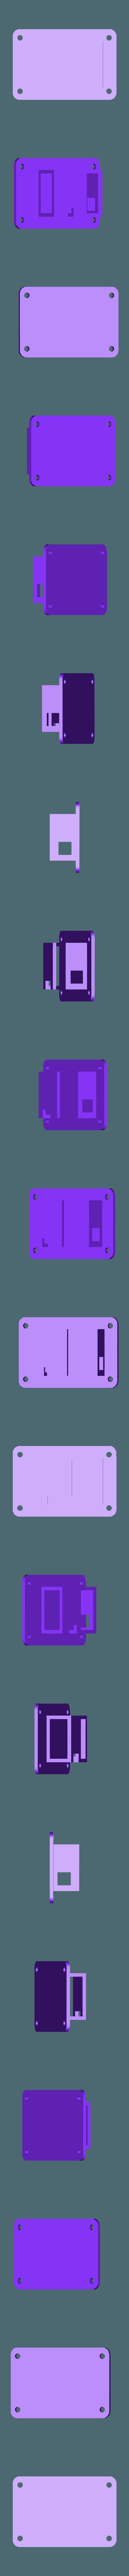 boscam_600_supportcorr.stl Download free STL file Boscam 600 Filaflex Box • 3D printer template, touchthebitum